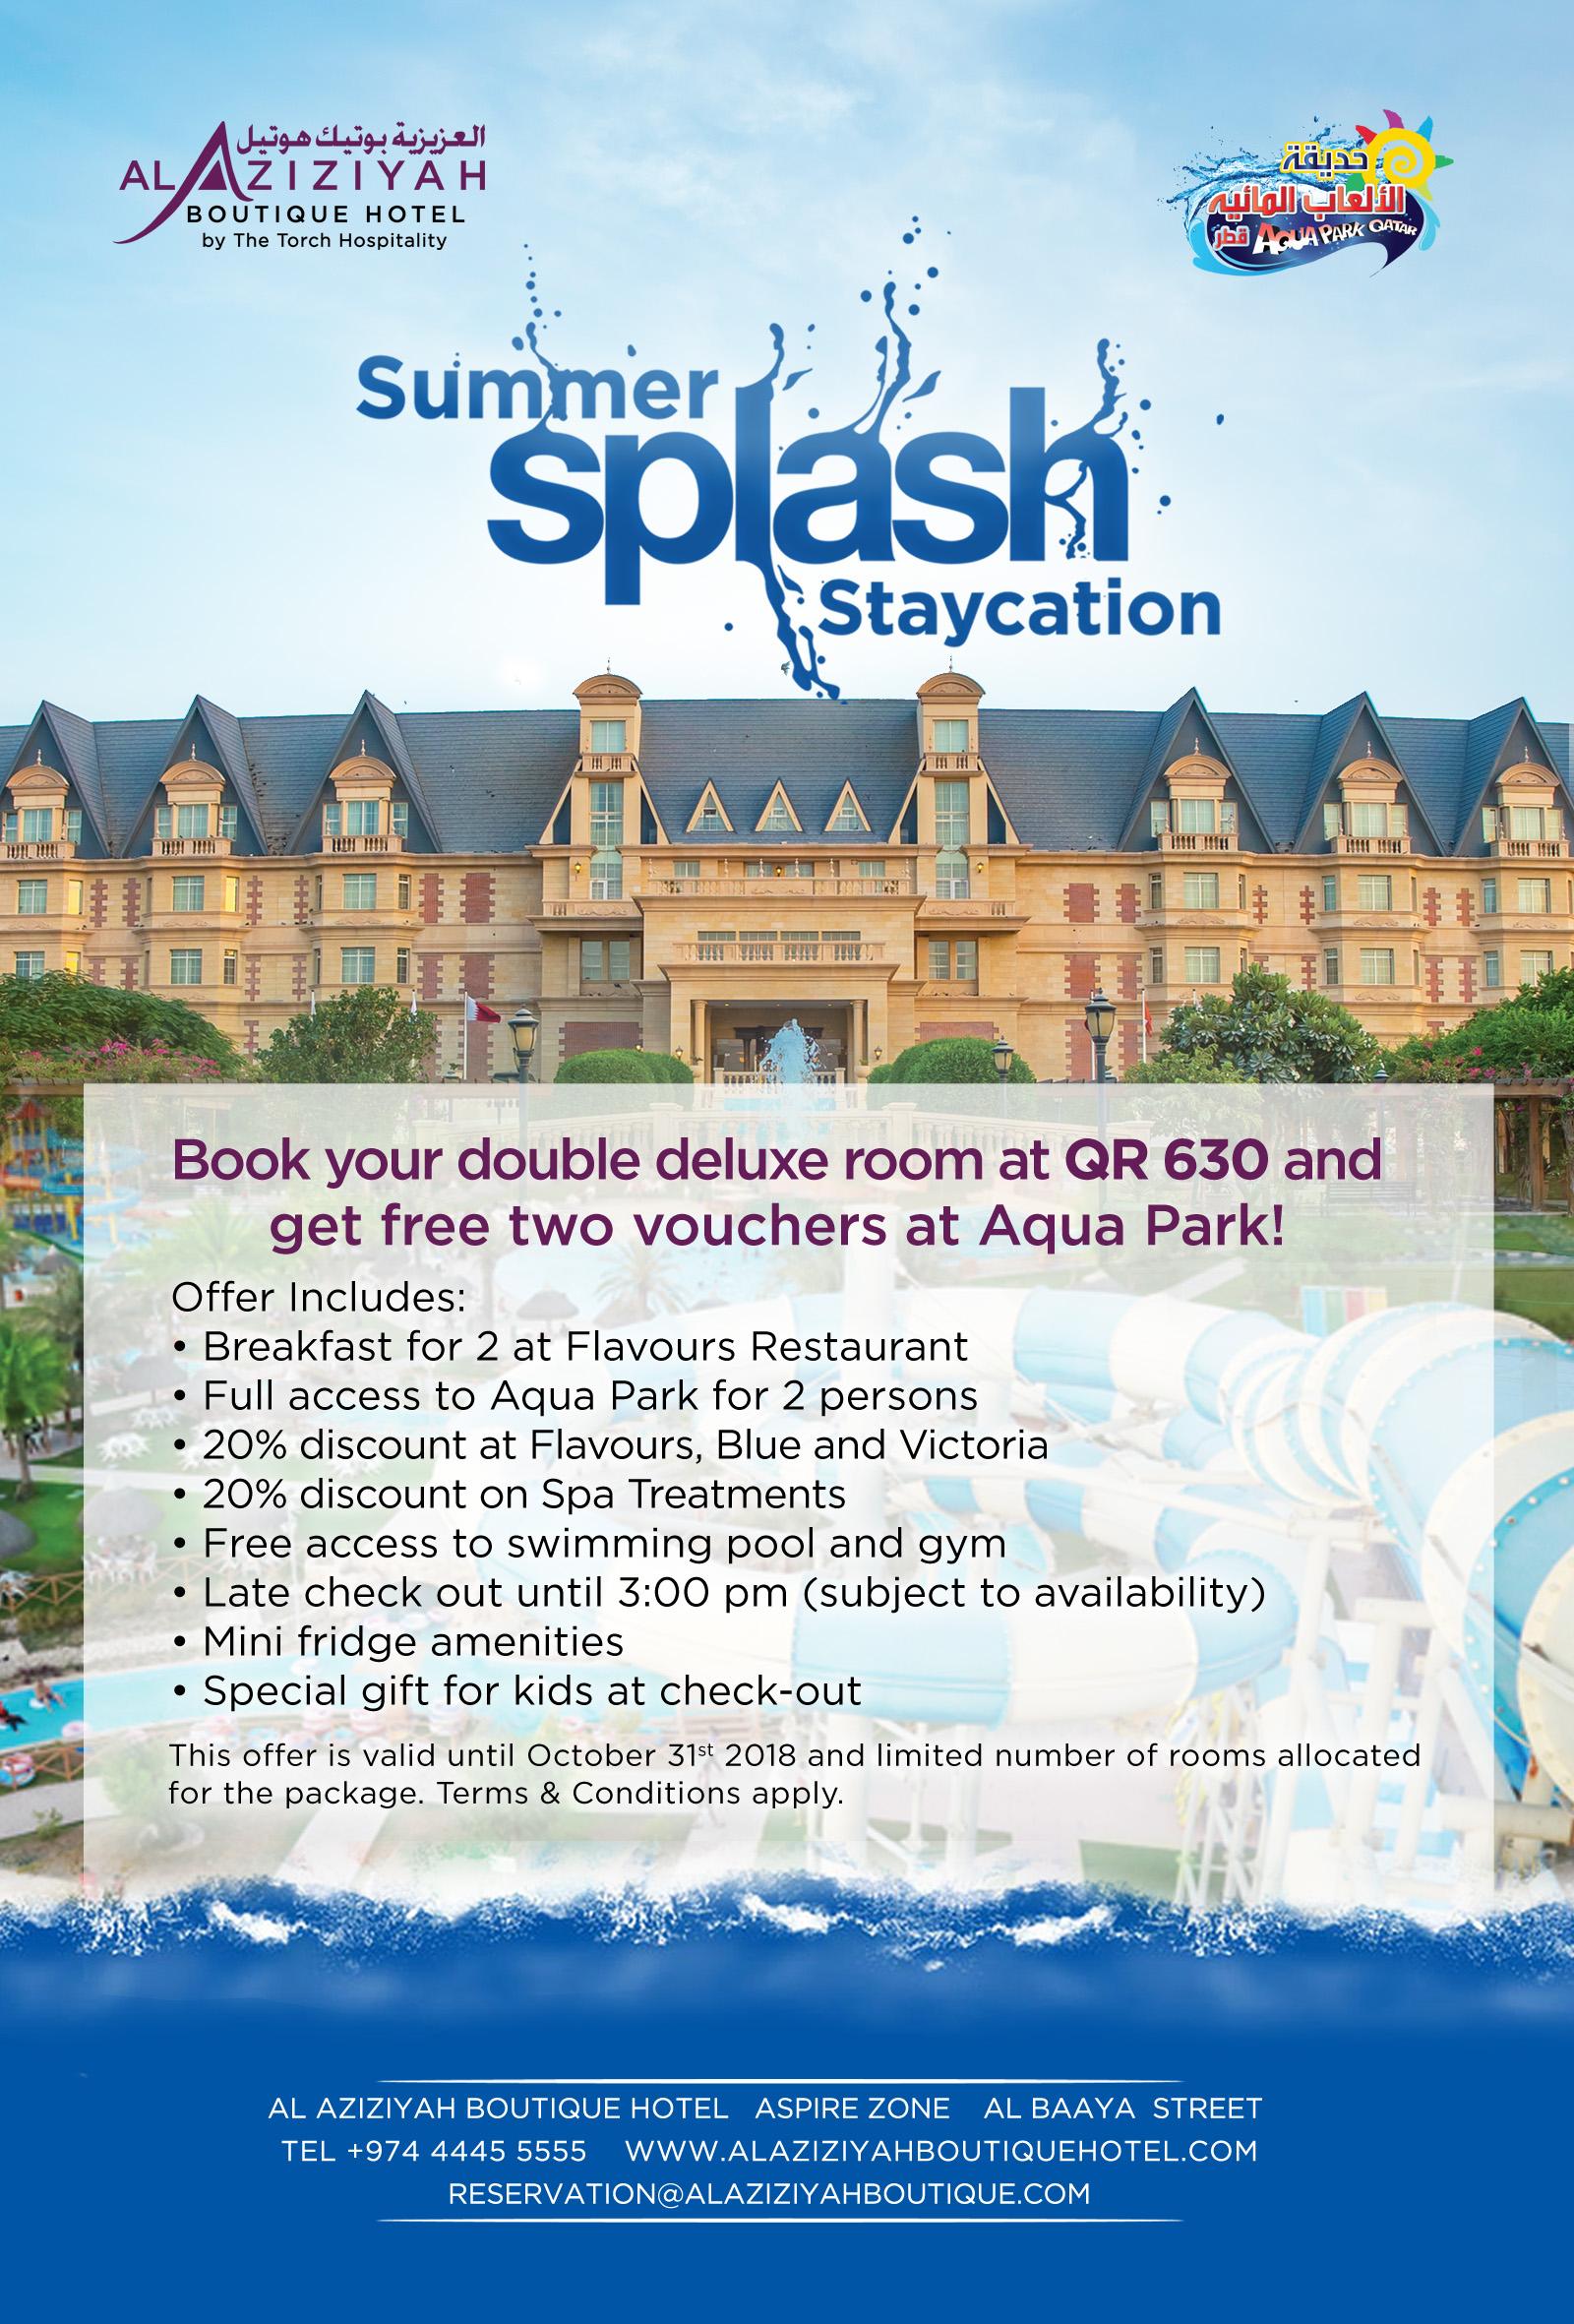 Summer Splash Offer